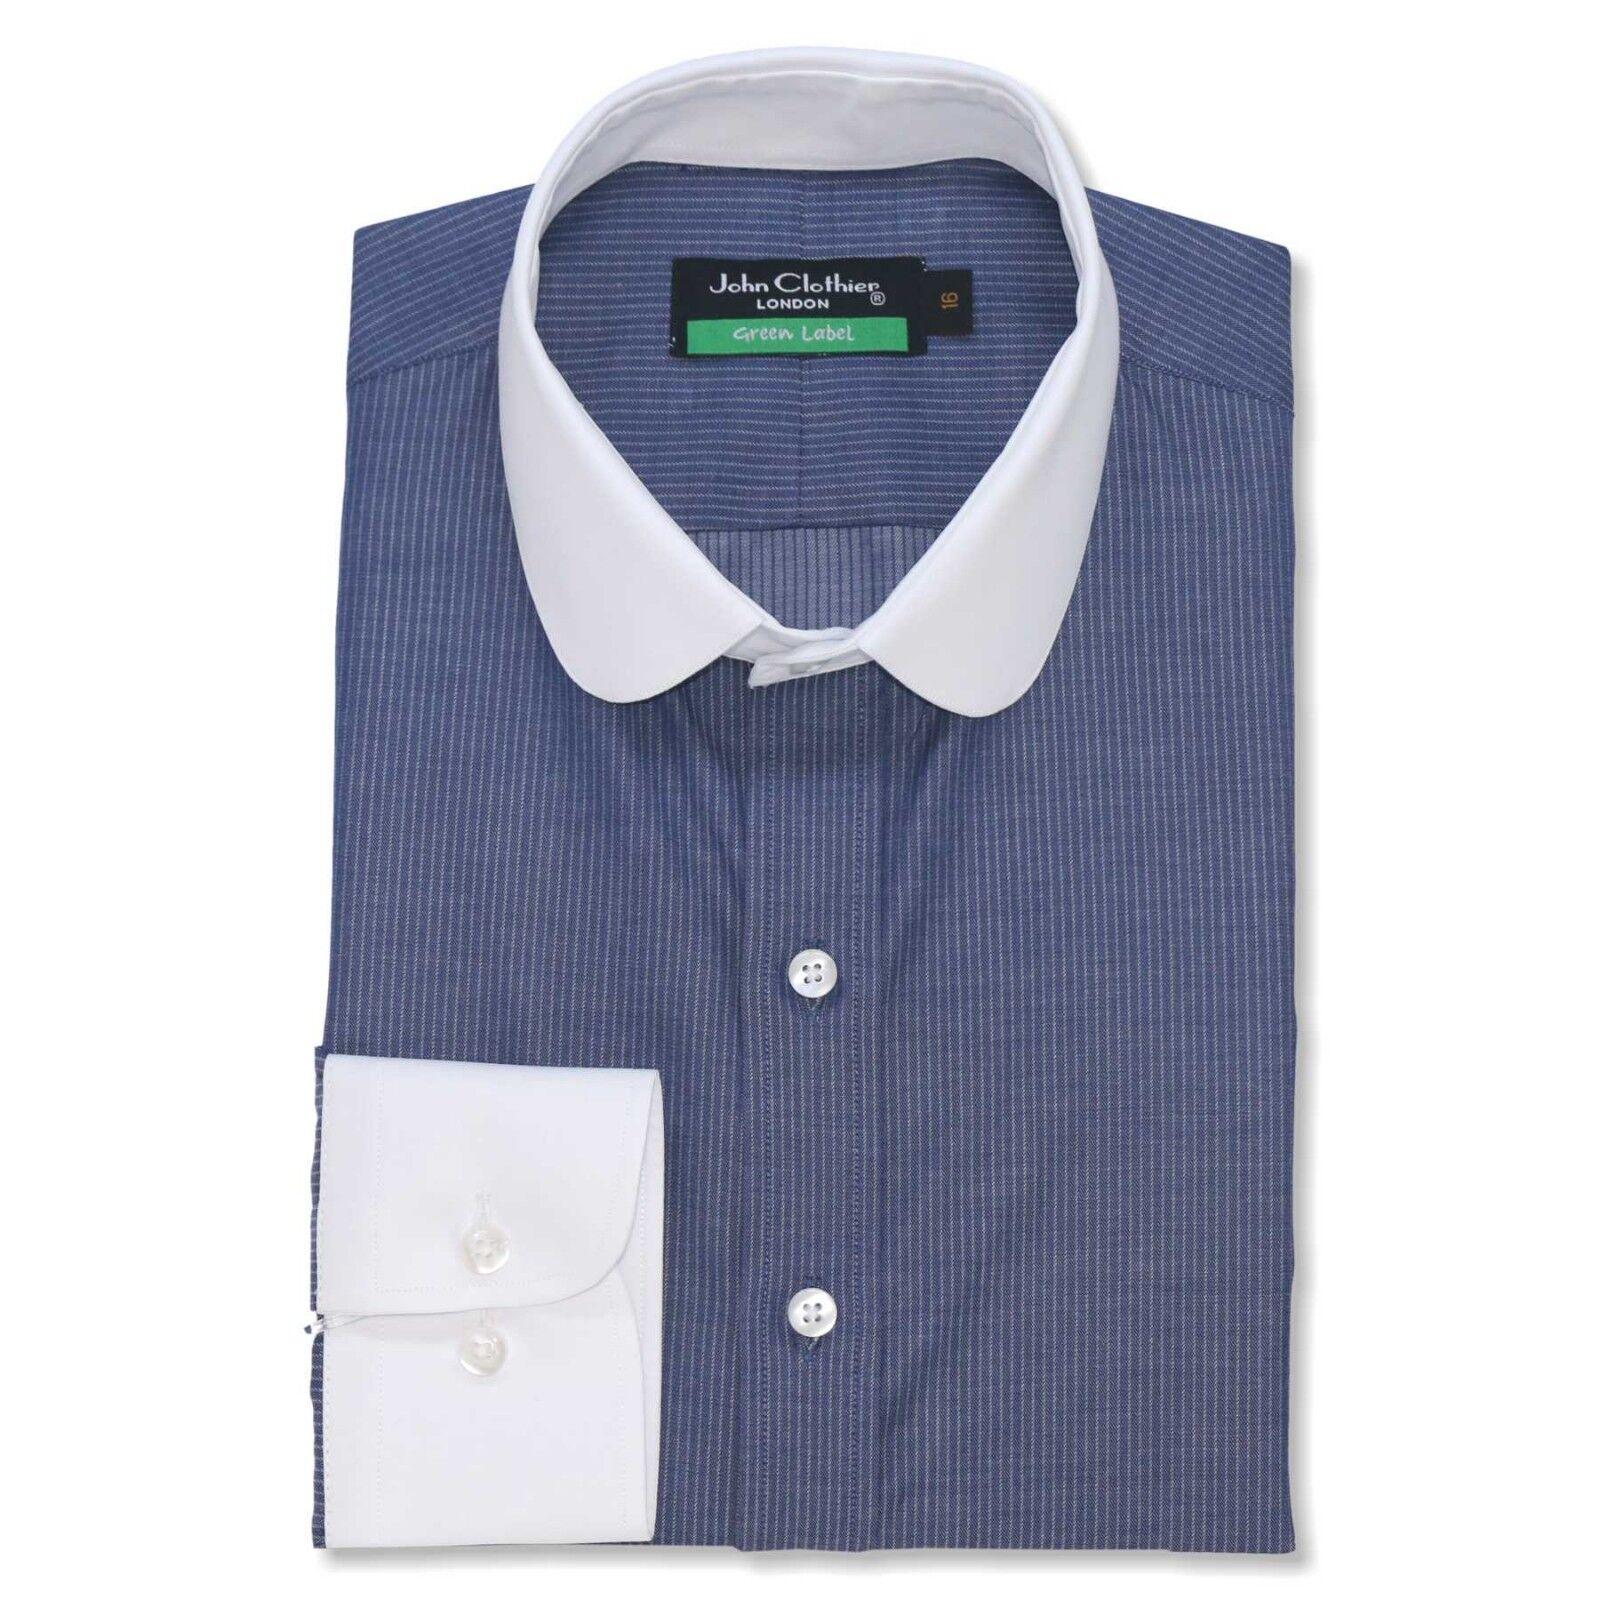 Neu Ingram Weiß Rosa Gestreift 100% Cotton Gespreizter Kragen Anzugshemd 16 41 Kleidung & Accessoires Herrenmode